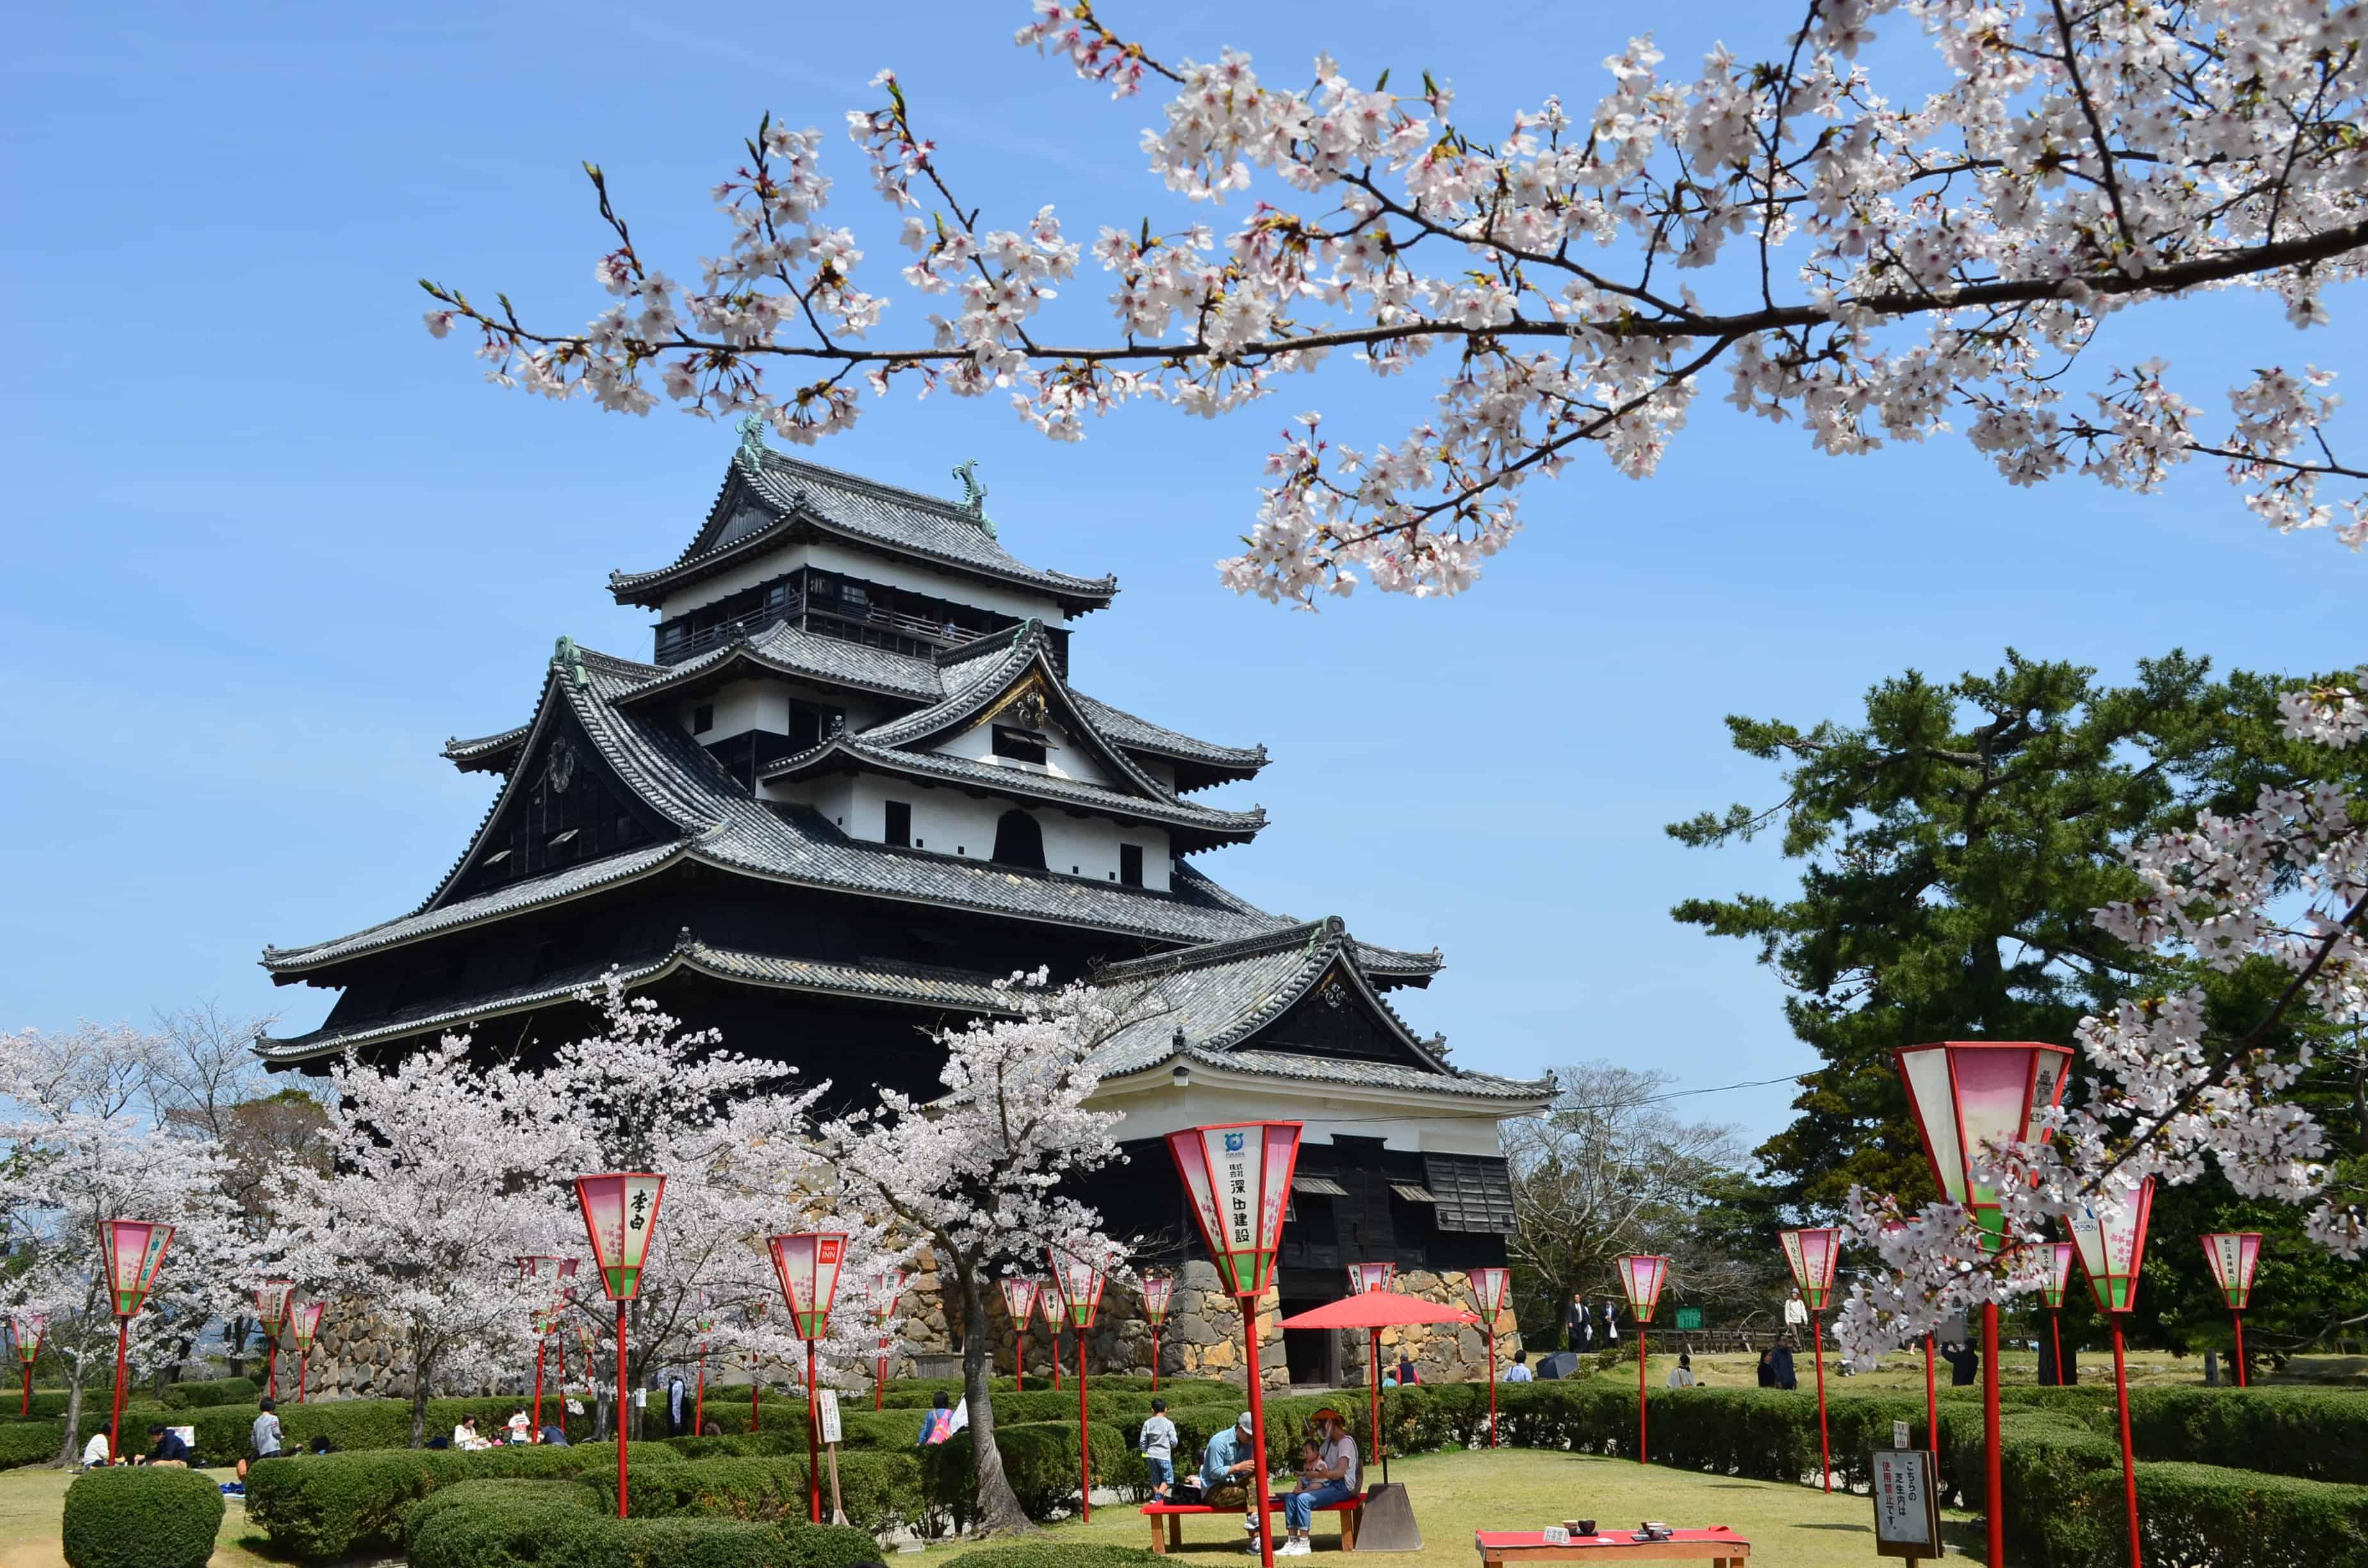 ปราสาทมัตสึเอะ (Matsue Castle)